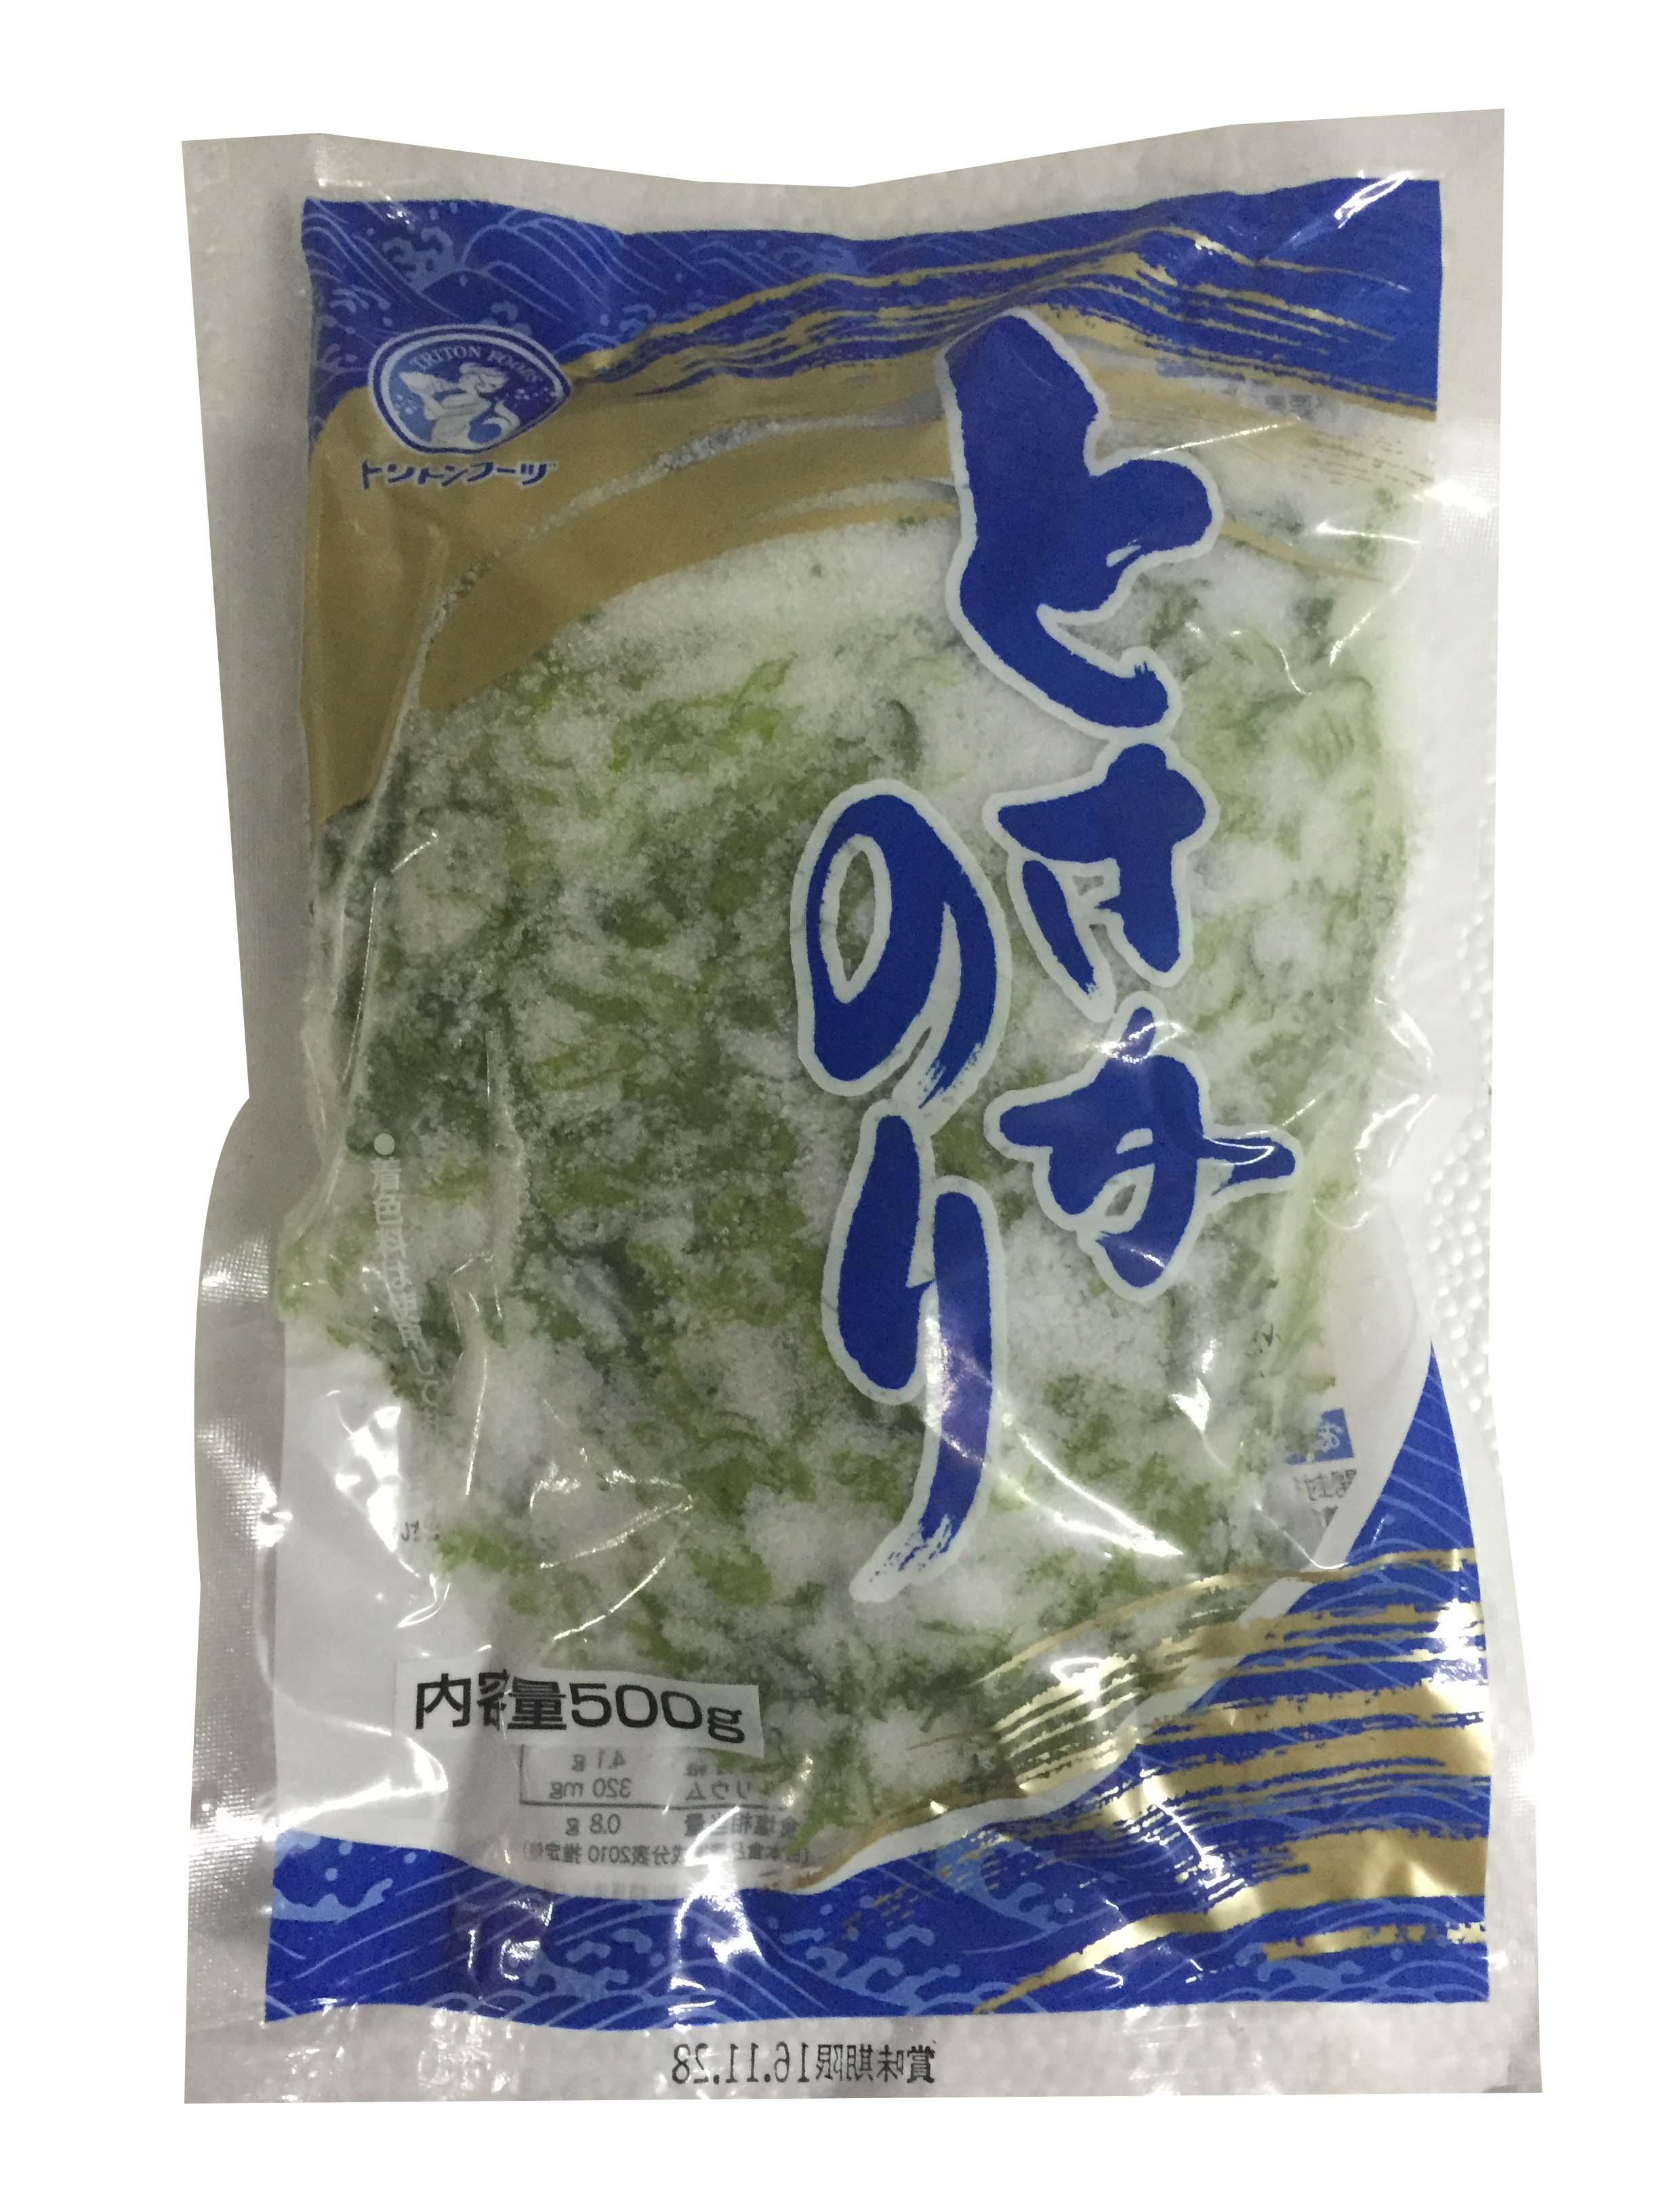 綠雞冠草 500g (JP56A)